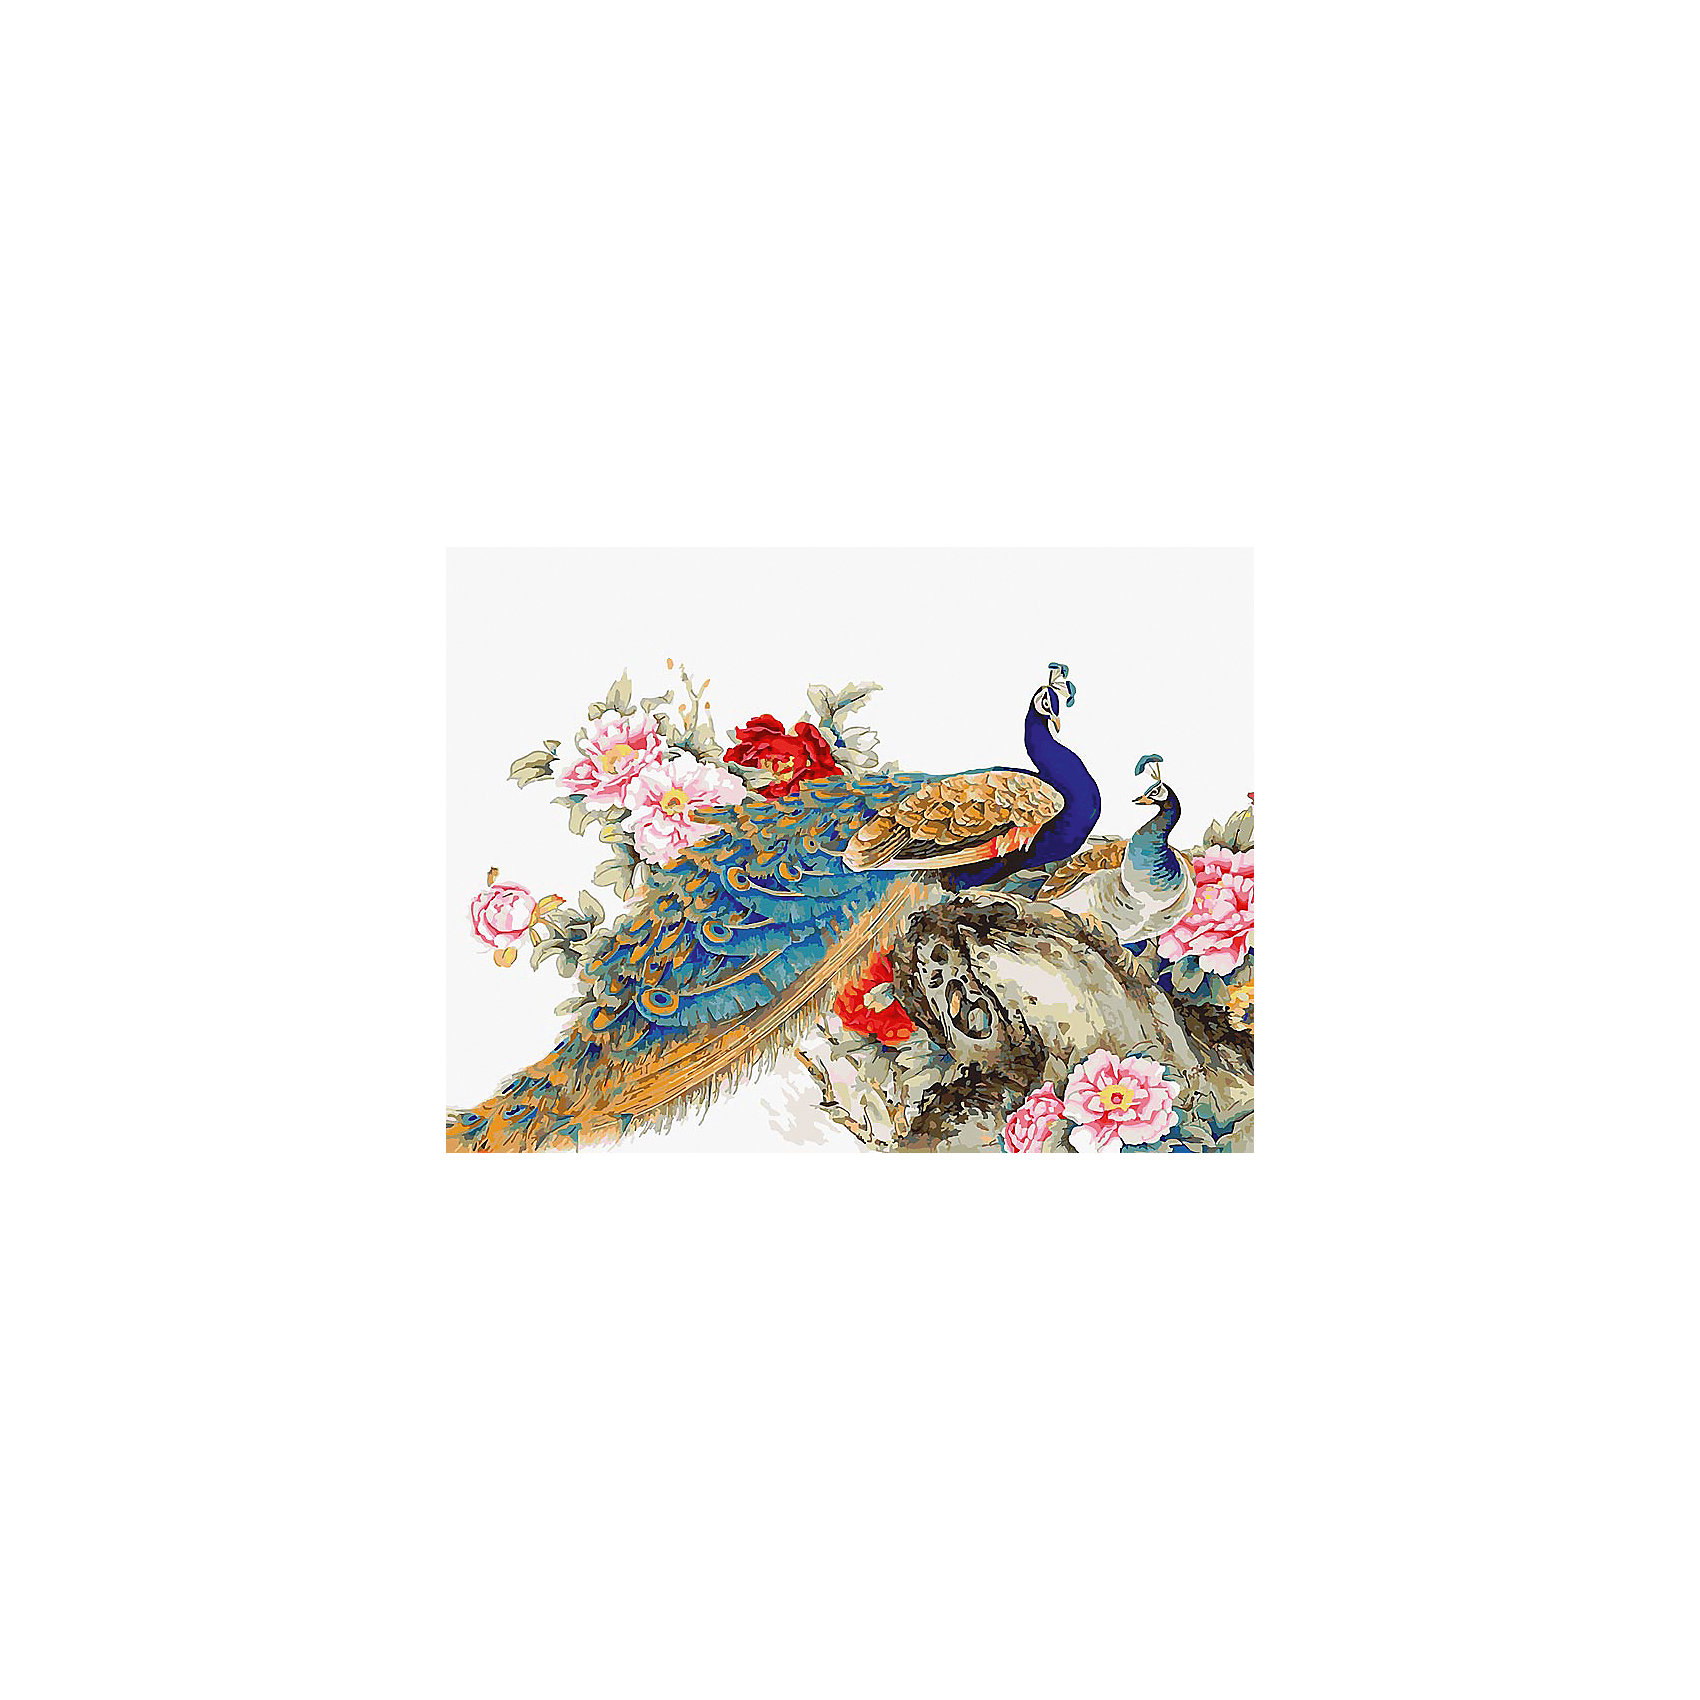 Белоснежка Живопись на холсте Китайские павлины 30*40 см наборы для рисования белоснежка живопись на холсте 30х40 см сова с ключиком 125 as